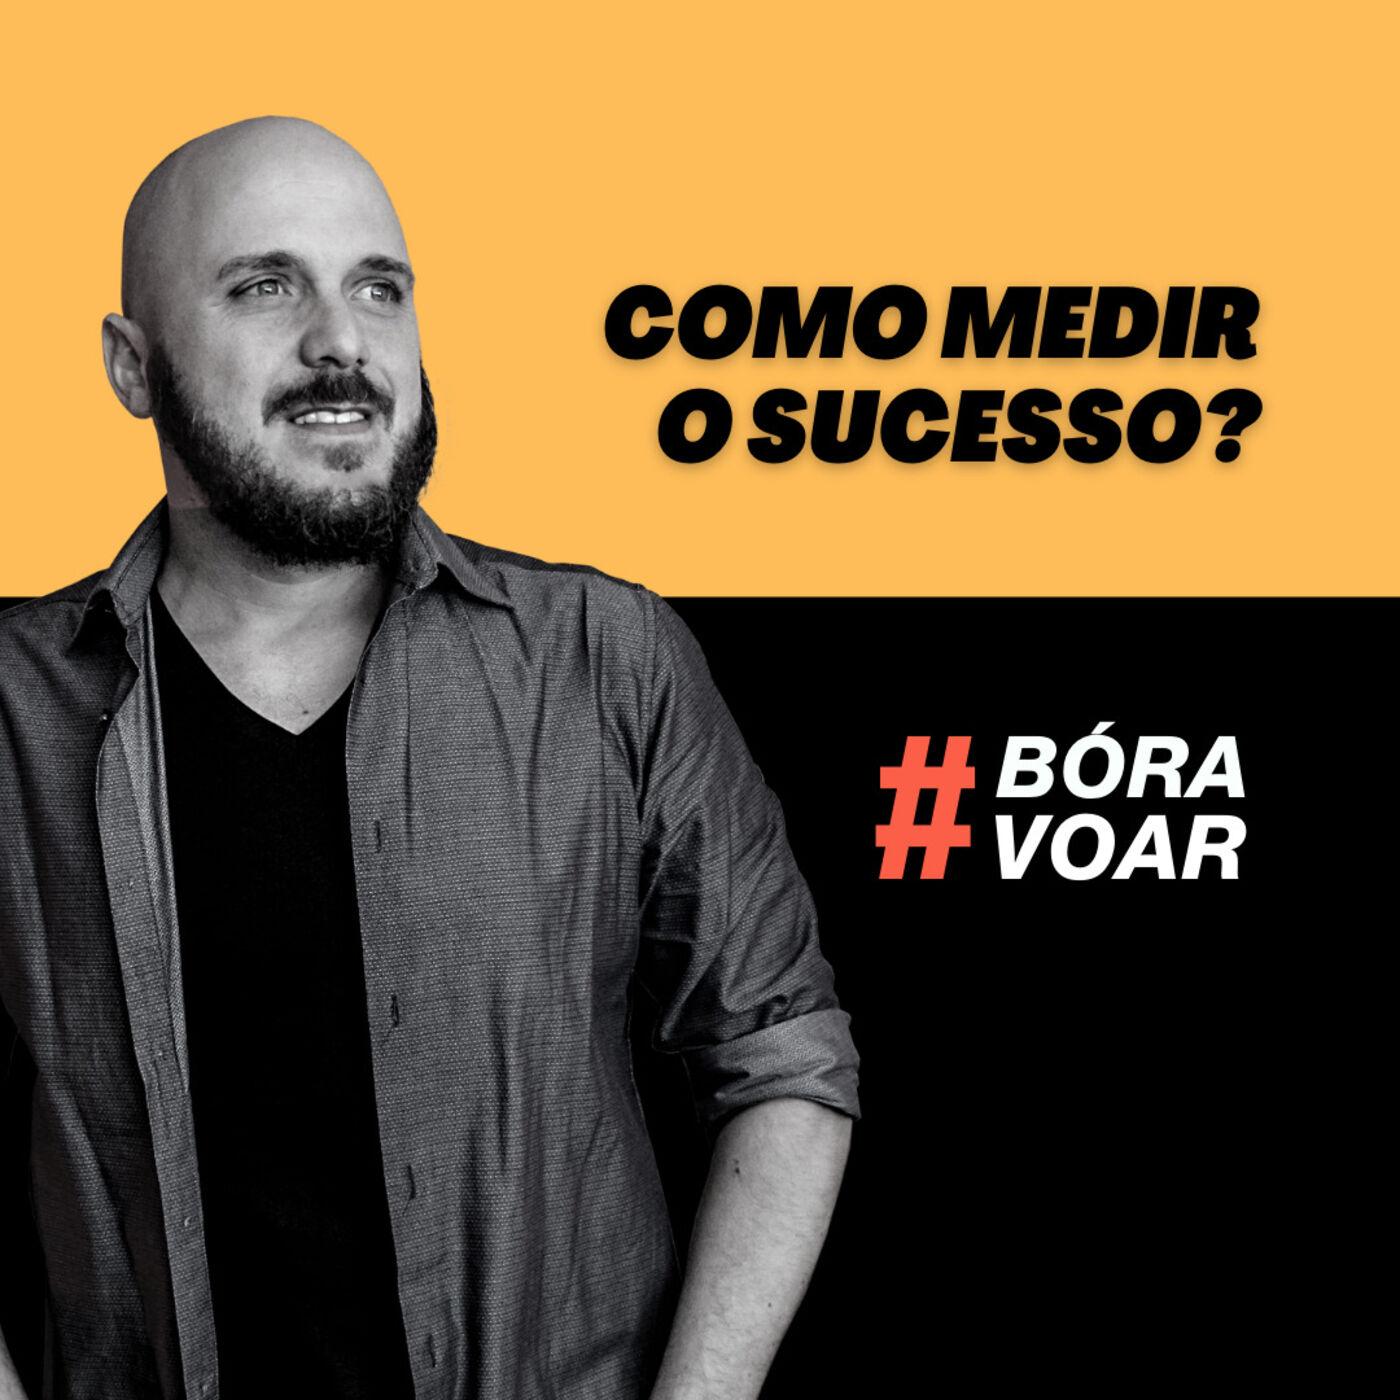 Como medir o sucesso? BóraVoar com Diego Maia